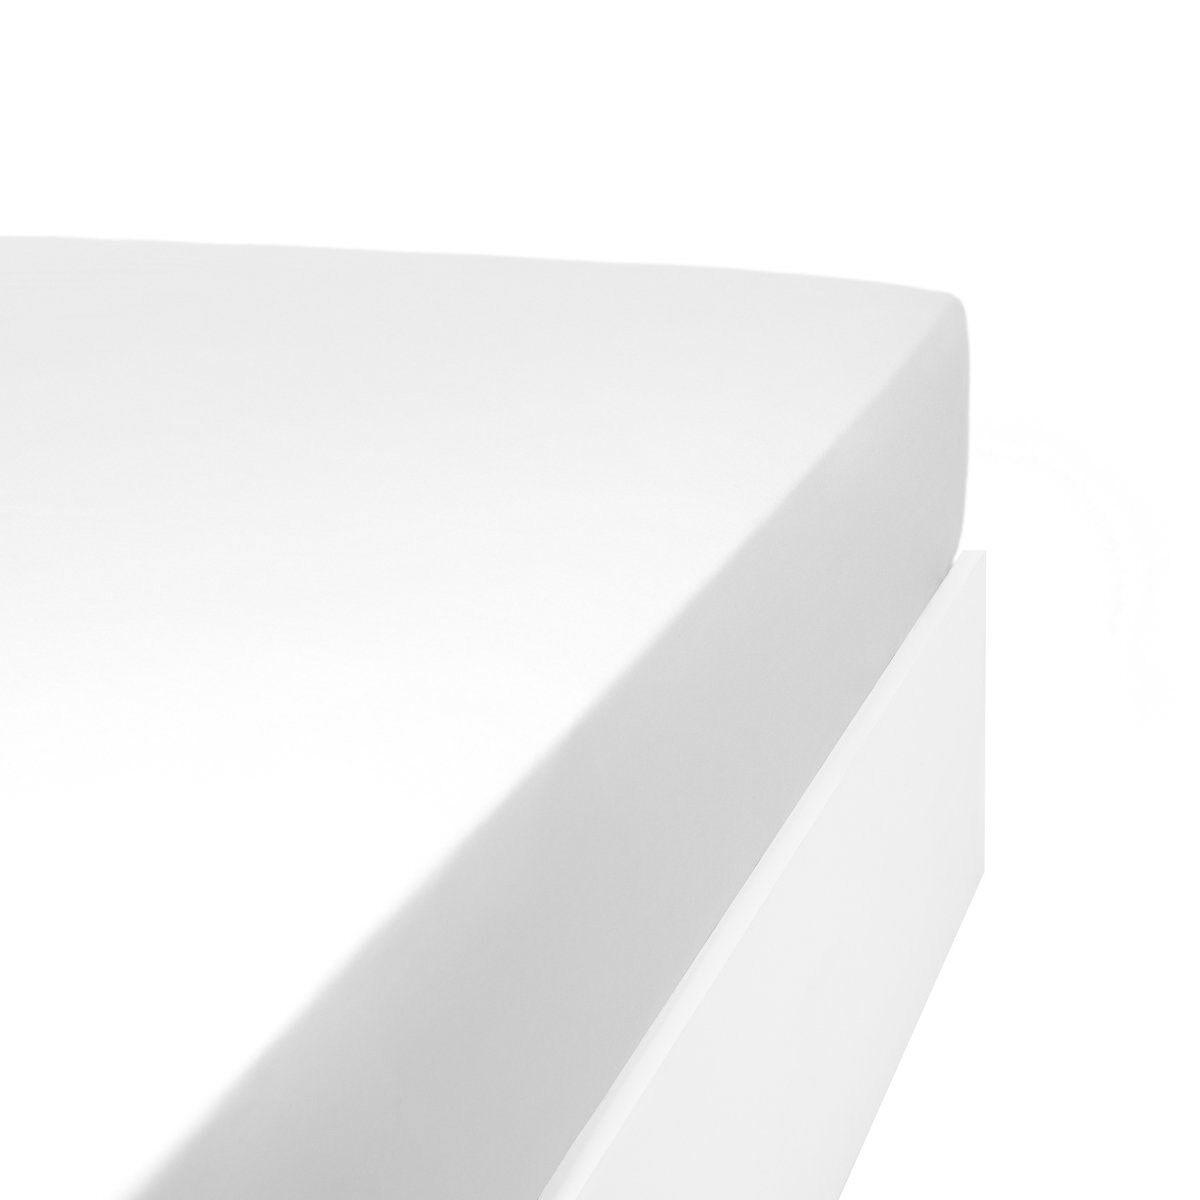 Linandelle Drap housse uni 200 fils en de coton blanc 90x200 cm